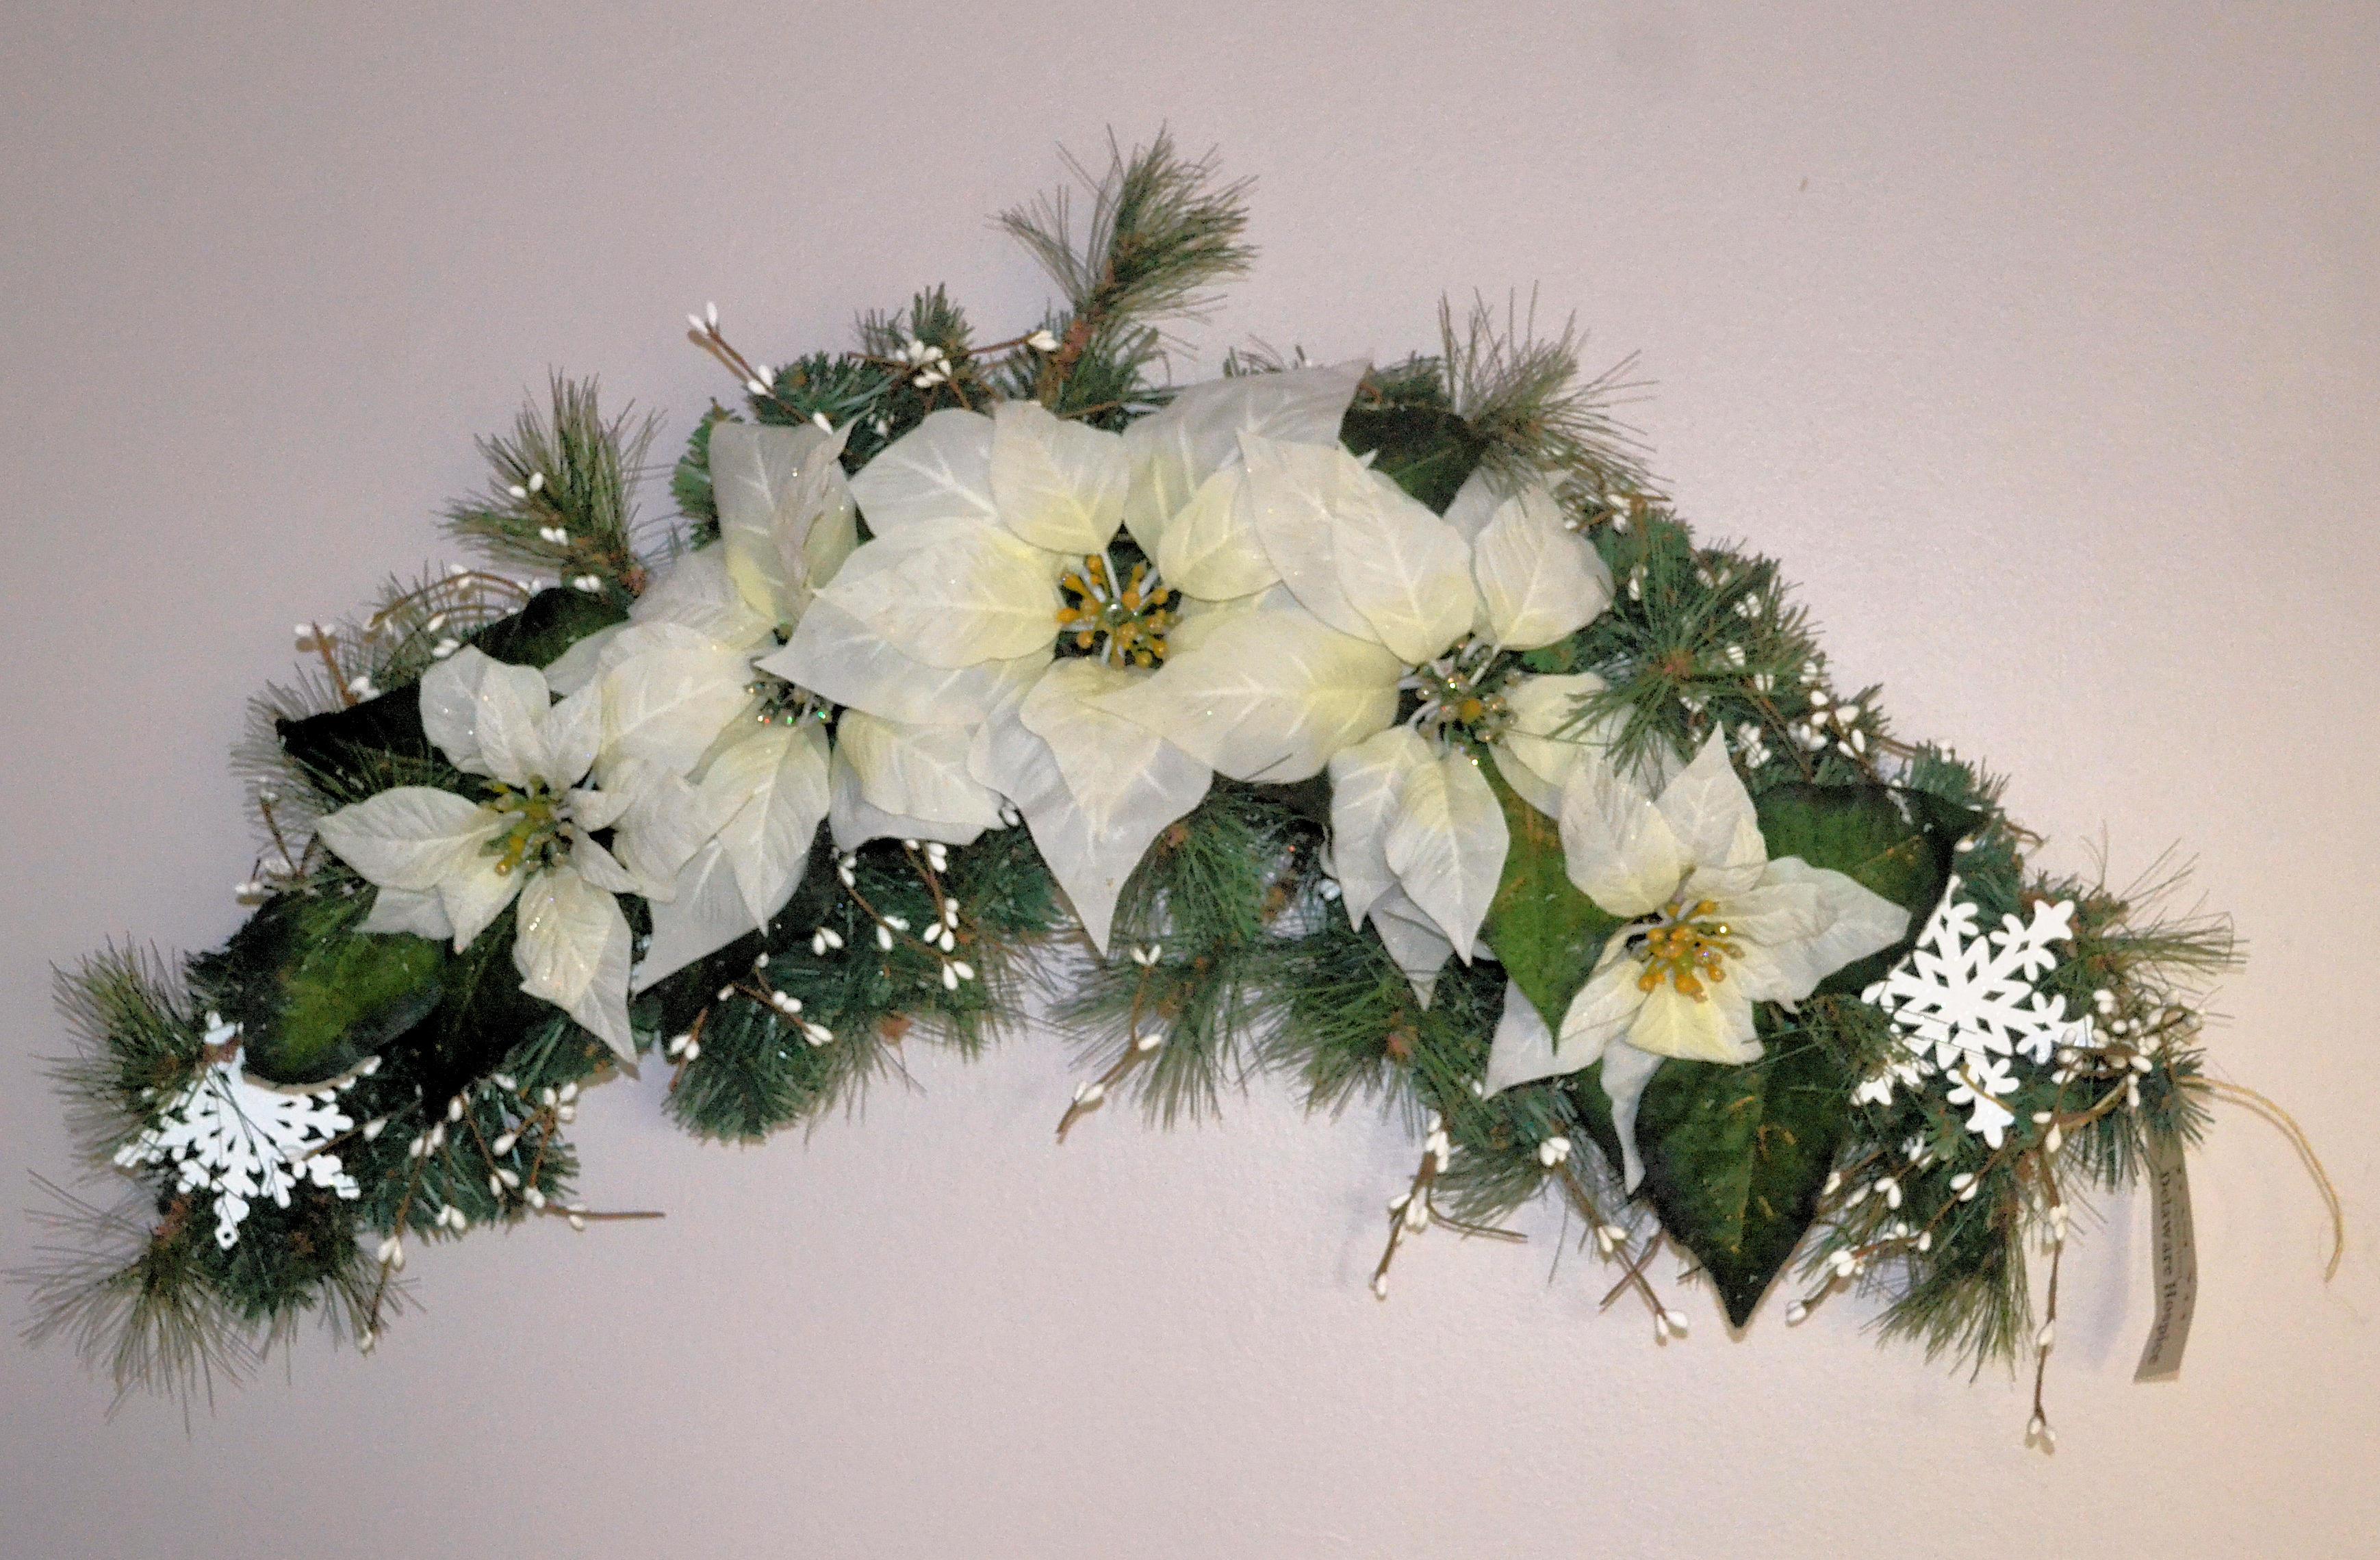 christmas-wreath2019-6.jpg